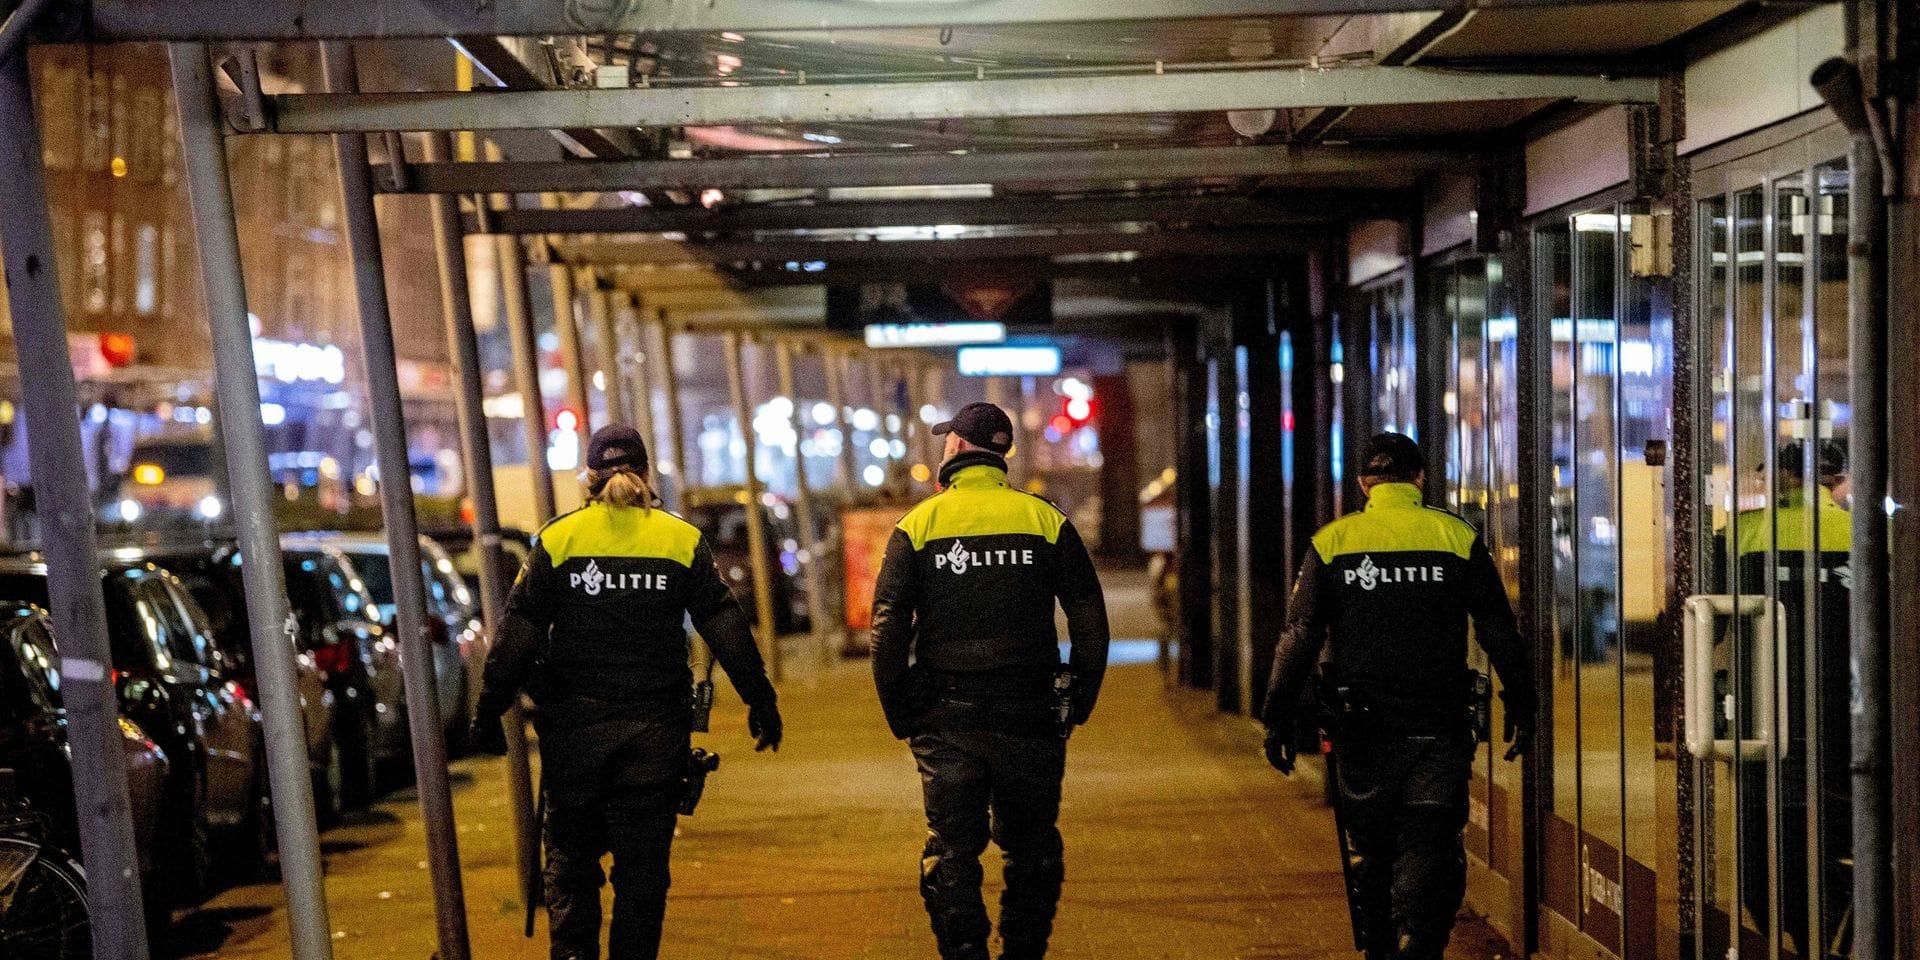 Couvre-feu prolongé jusqu'au 2 mars aux Pays-Bas